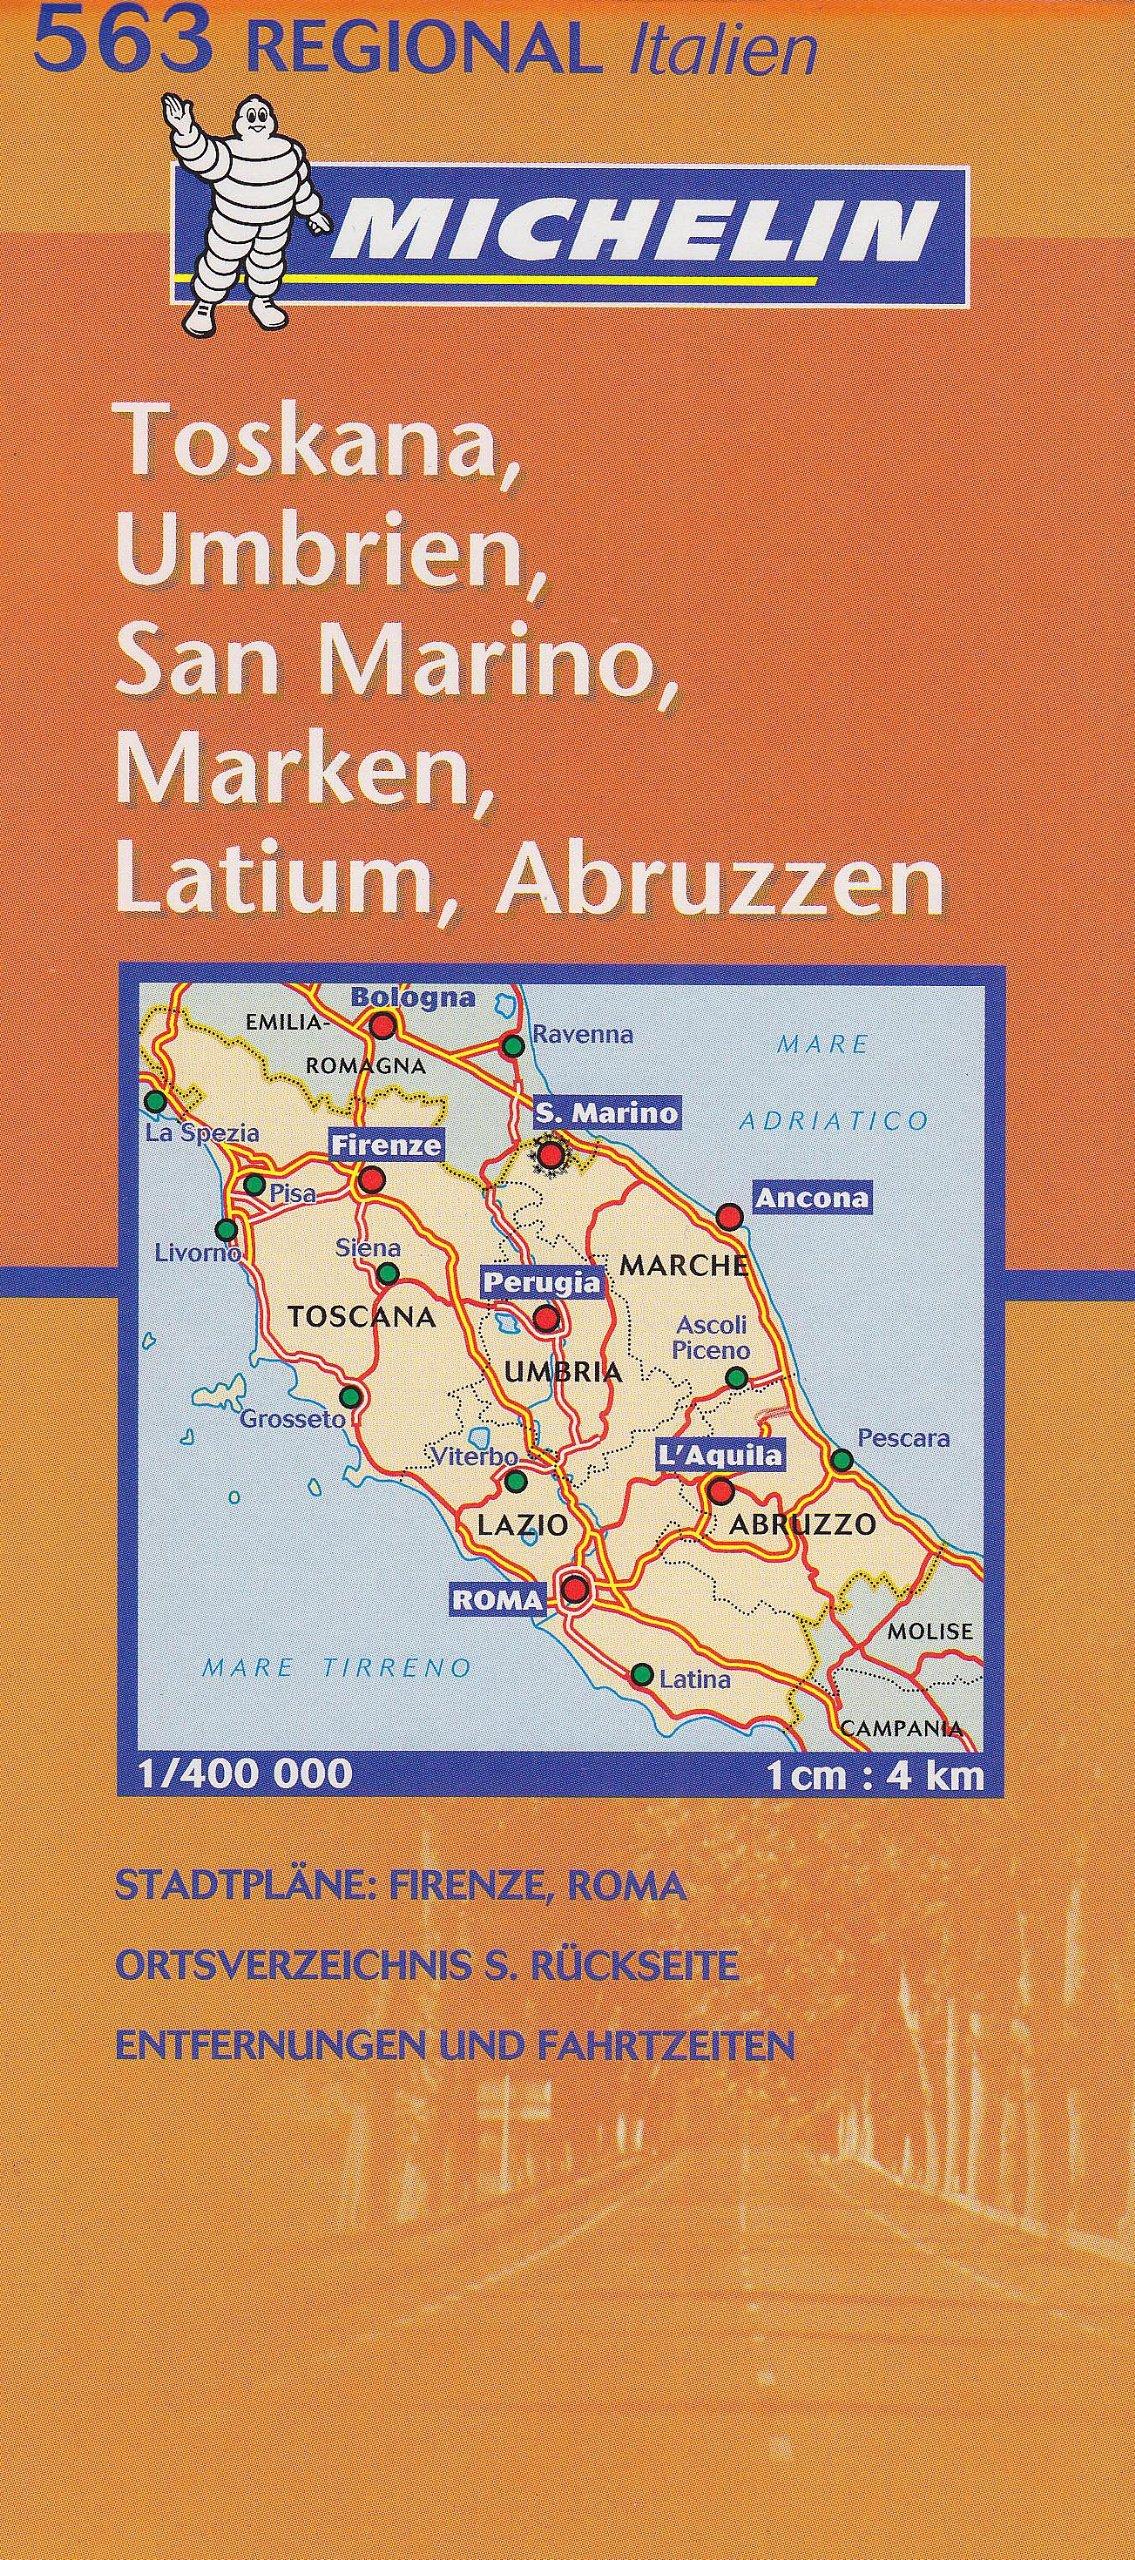 Regionalkarte Toskana, Umbrien (MICHELIN Regionalkarten, Band 563)